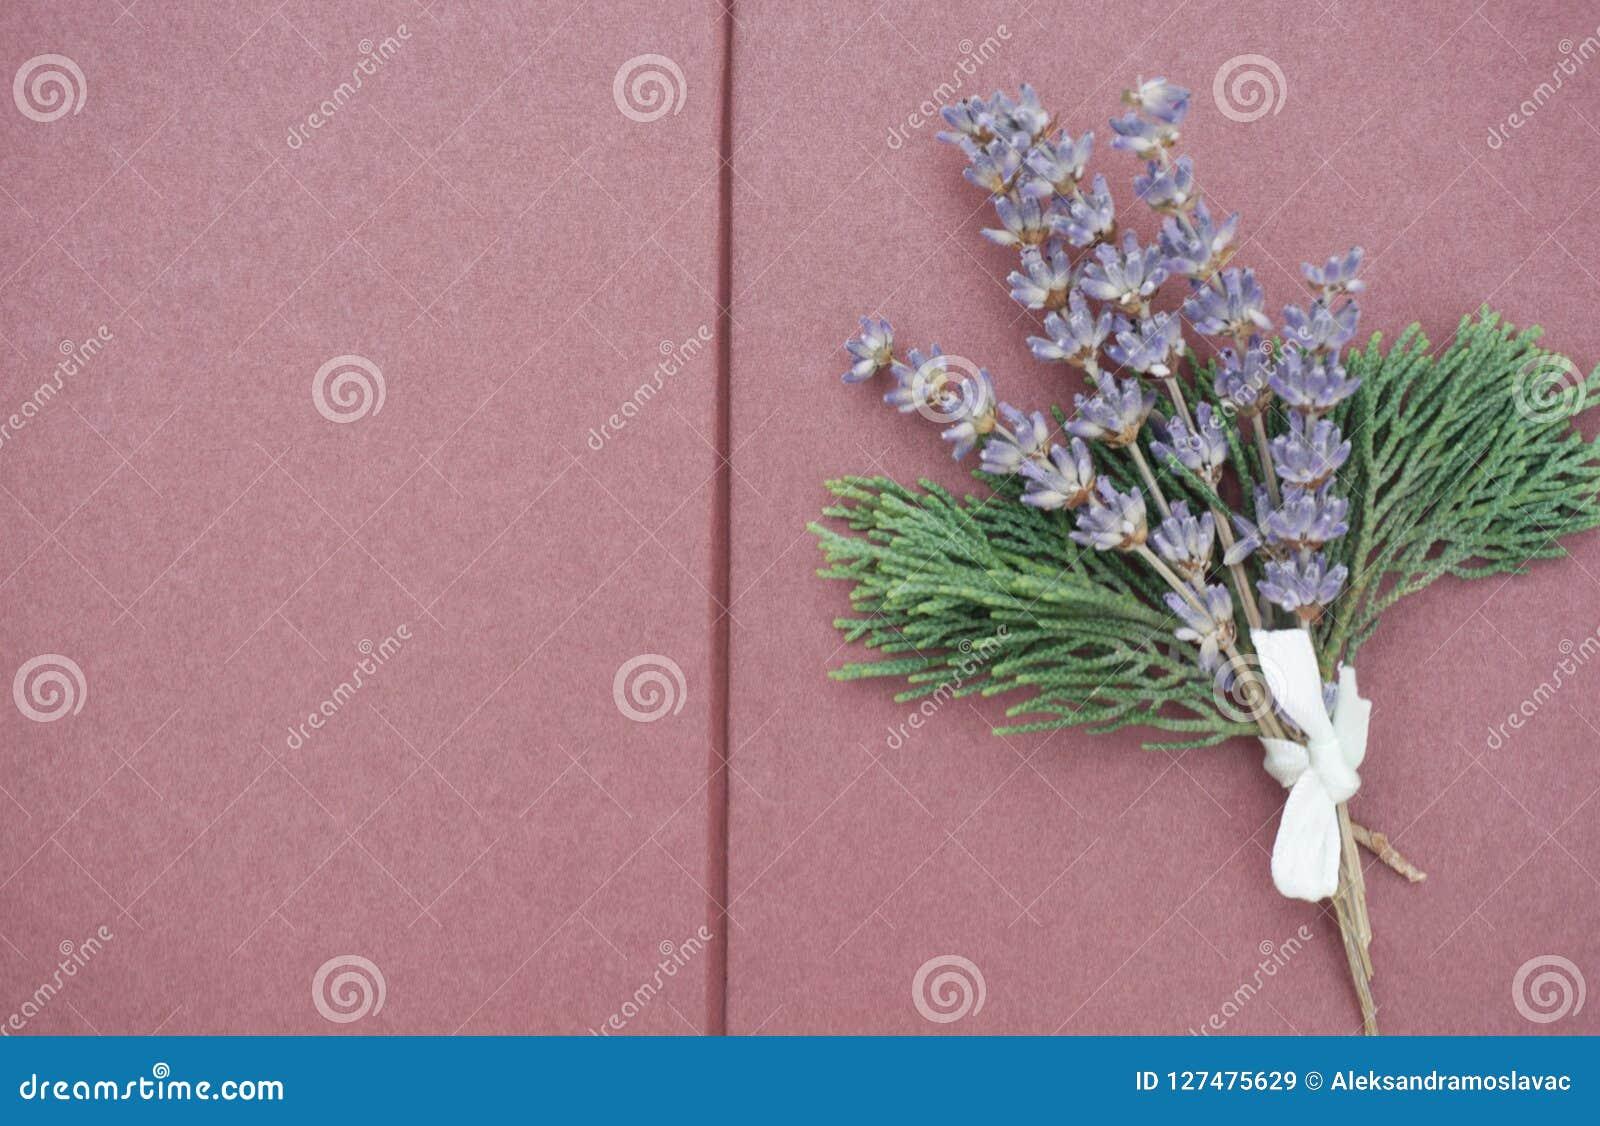 Open blanco pagina s van plakboek met bos van lilac lavendel en groene takken op de rechterkant